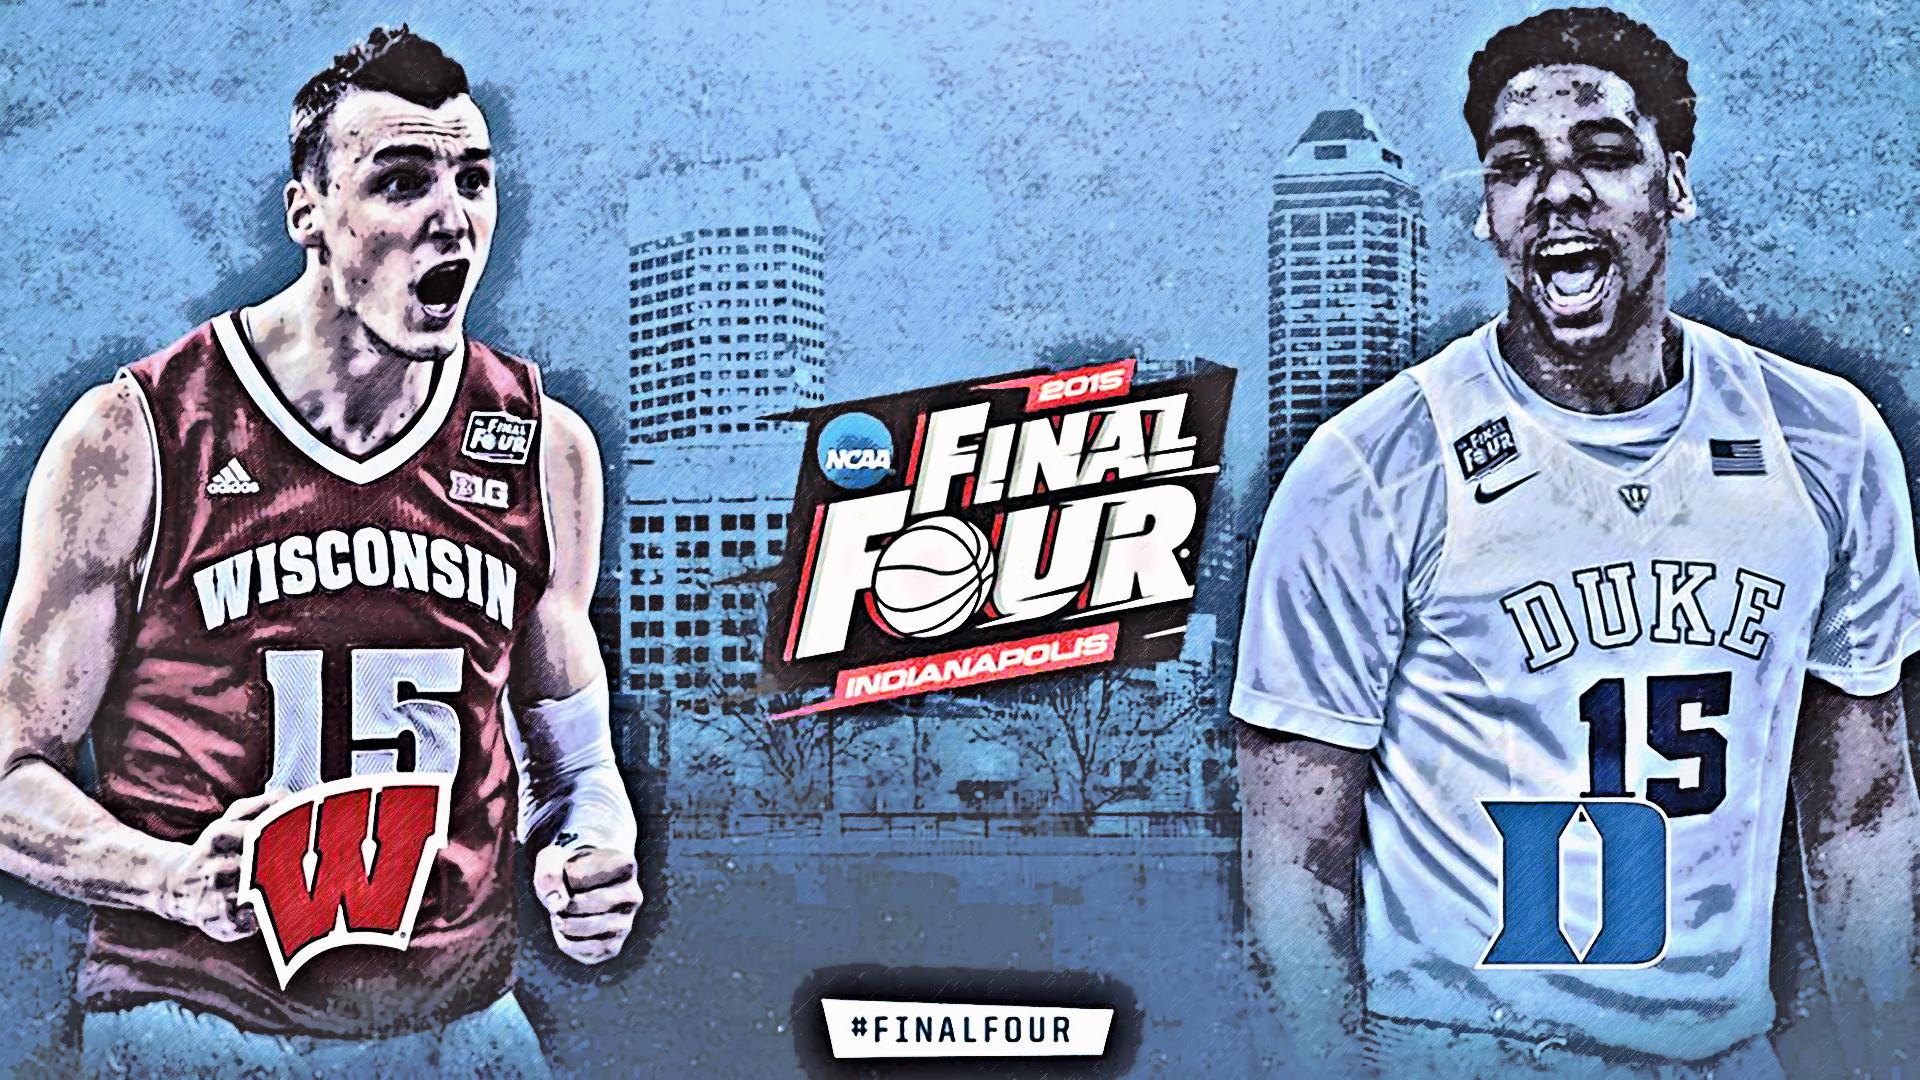 Wallpaper Duke basketball, Ncaa basketball, Duke, Wisconsin vs duke, Ncaa  final, Ncaa, Ncaa championship game